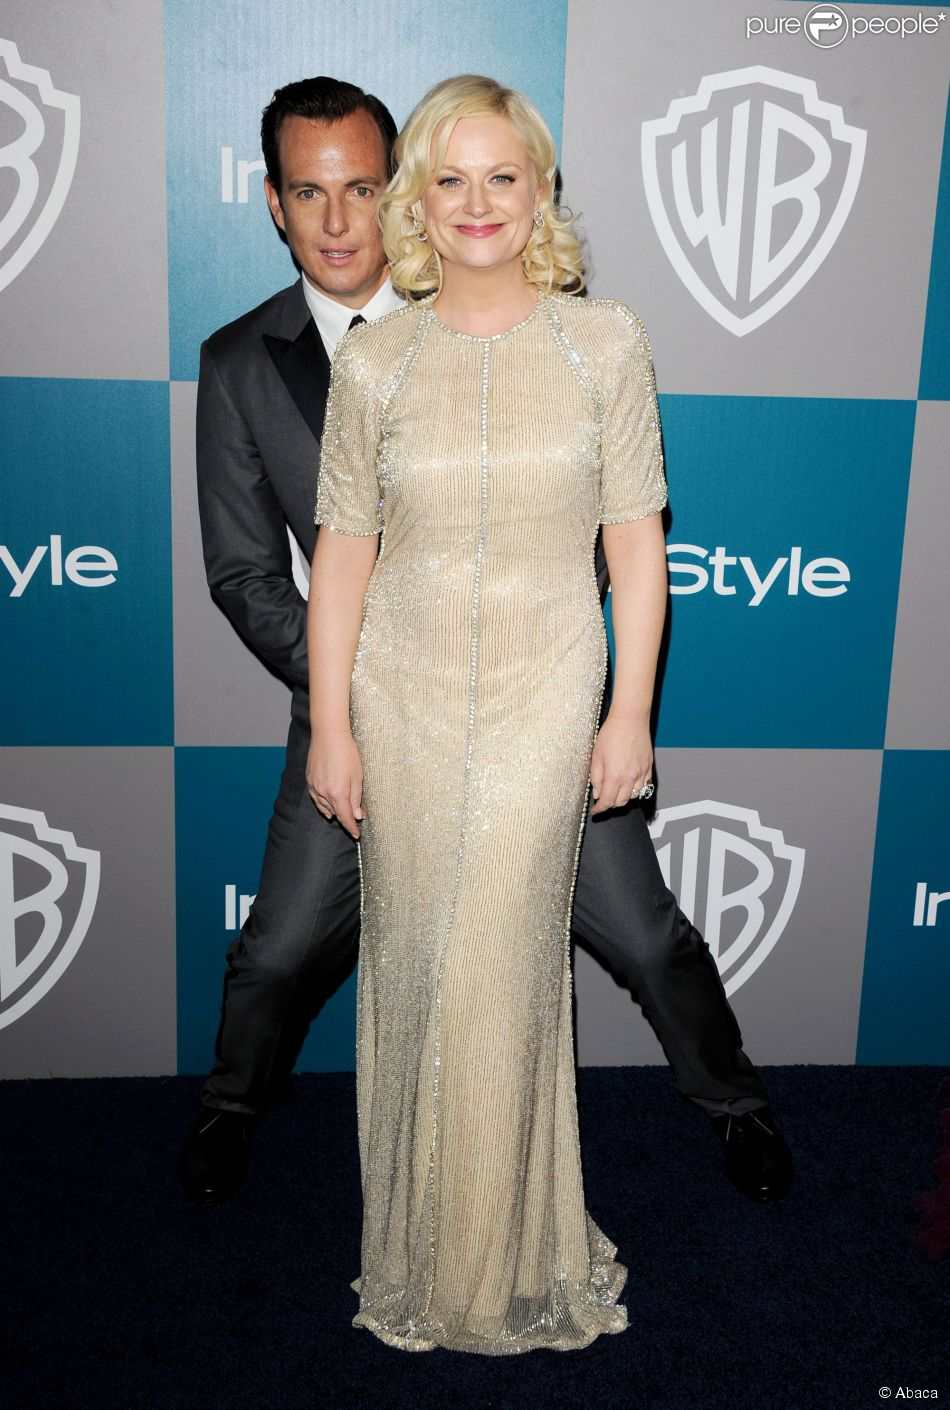 """Will Arnett et Amy Poehler lors de la soirée """"WB/Instyle"""" Post Golden Globe au Beverly Hilton de Los Angeles, le 15 janvier 2012"""